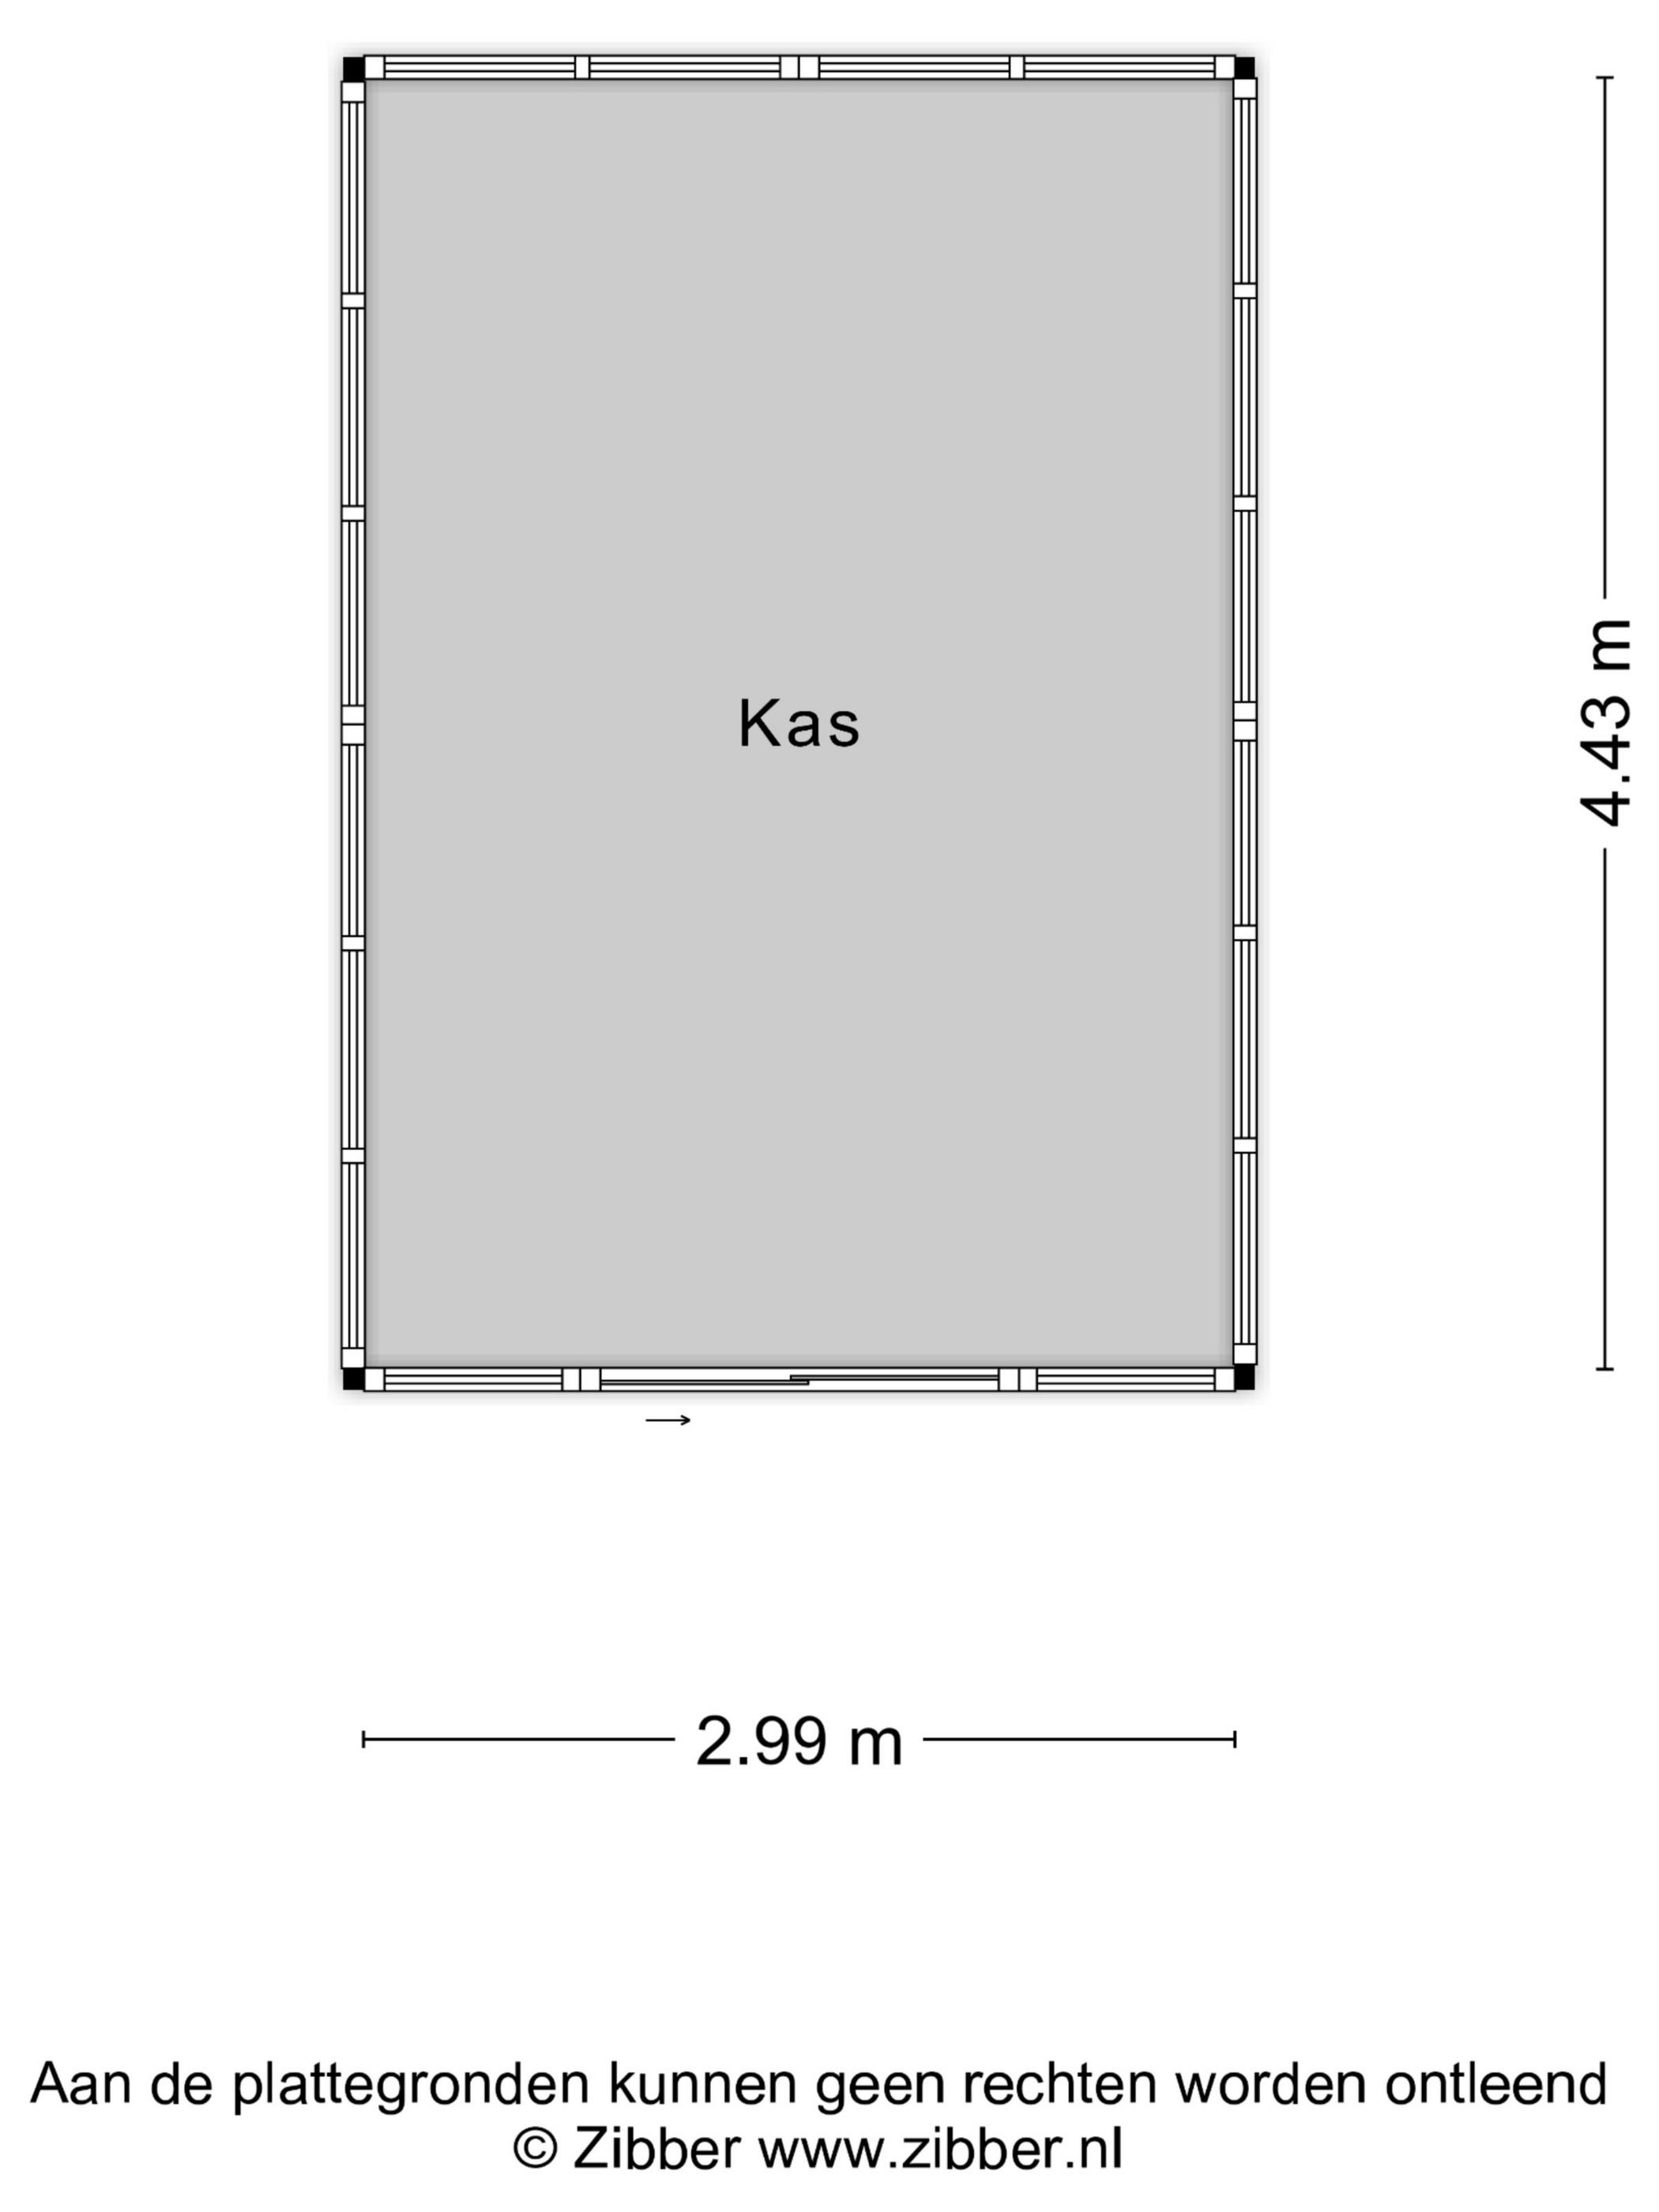 Buitengewone post Klaver Makelaardij: Woningen Amsterdam duurder dan voor de crisis (CBS nieuws)